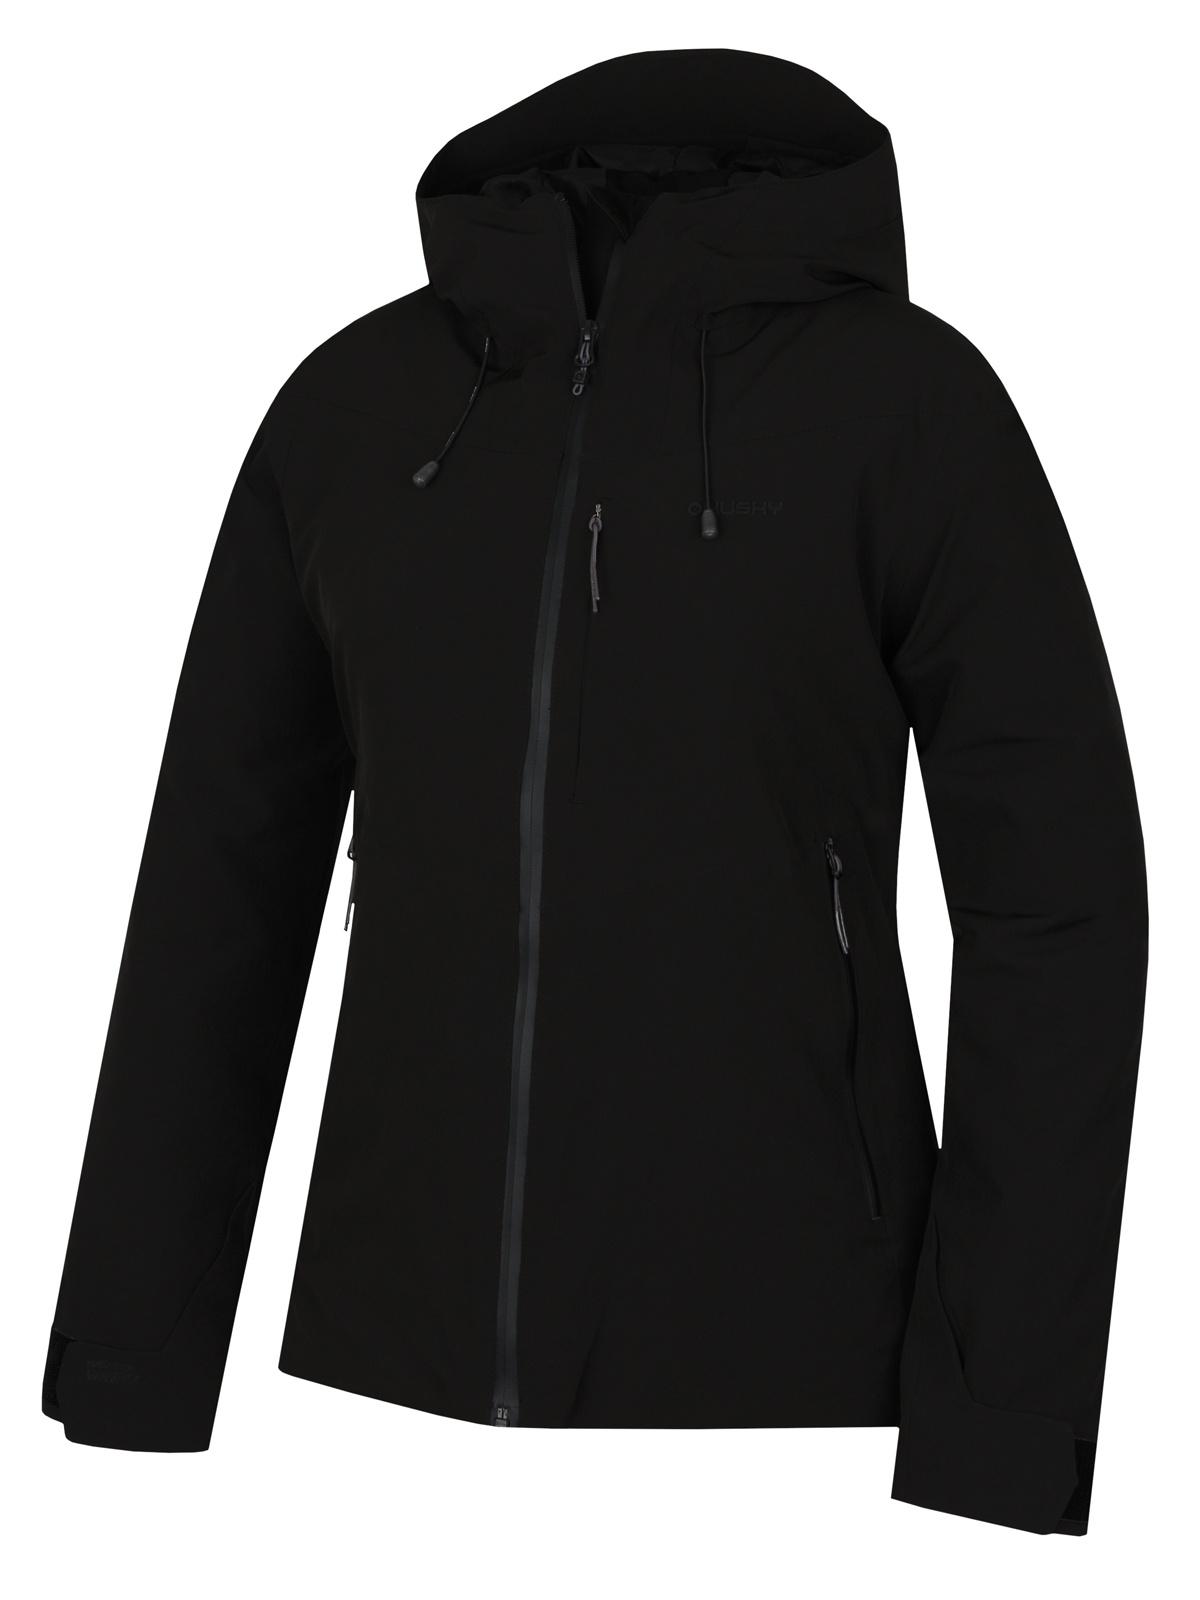 Husky Dámská hardshell bunda   Narbi L černá Velikost: XL